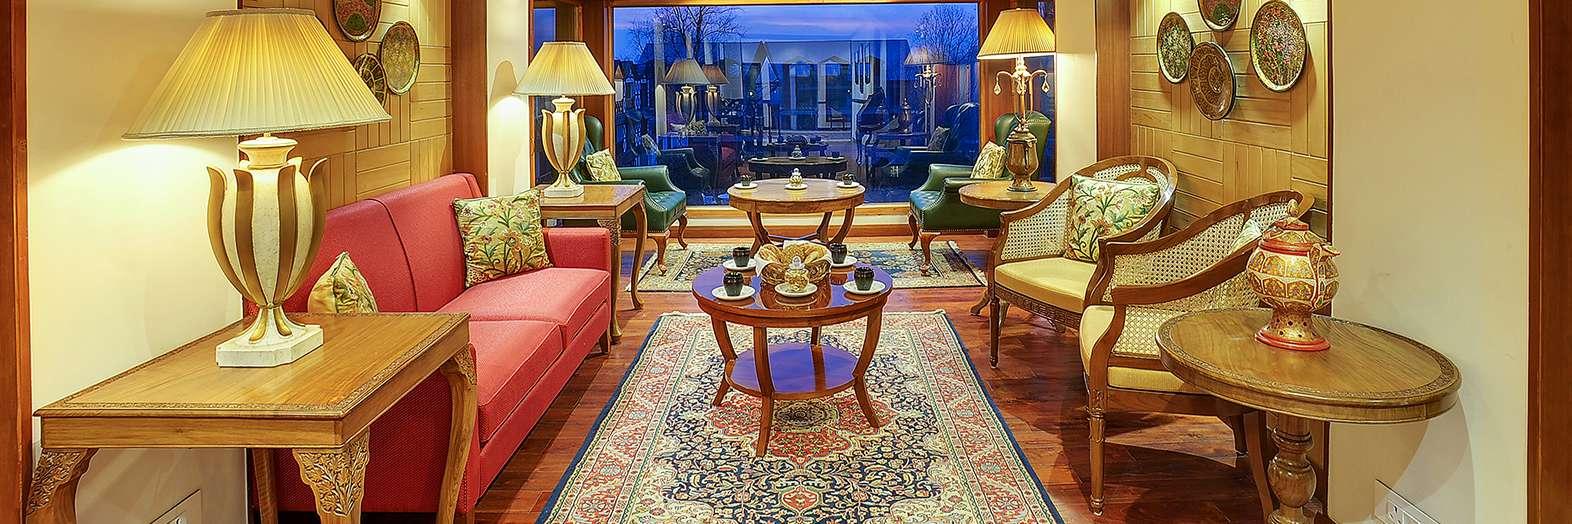 Fortune Resort Heevan, Srinagar